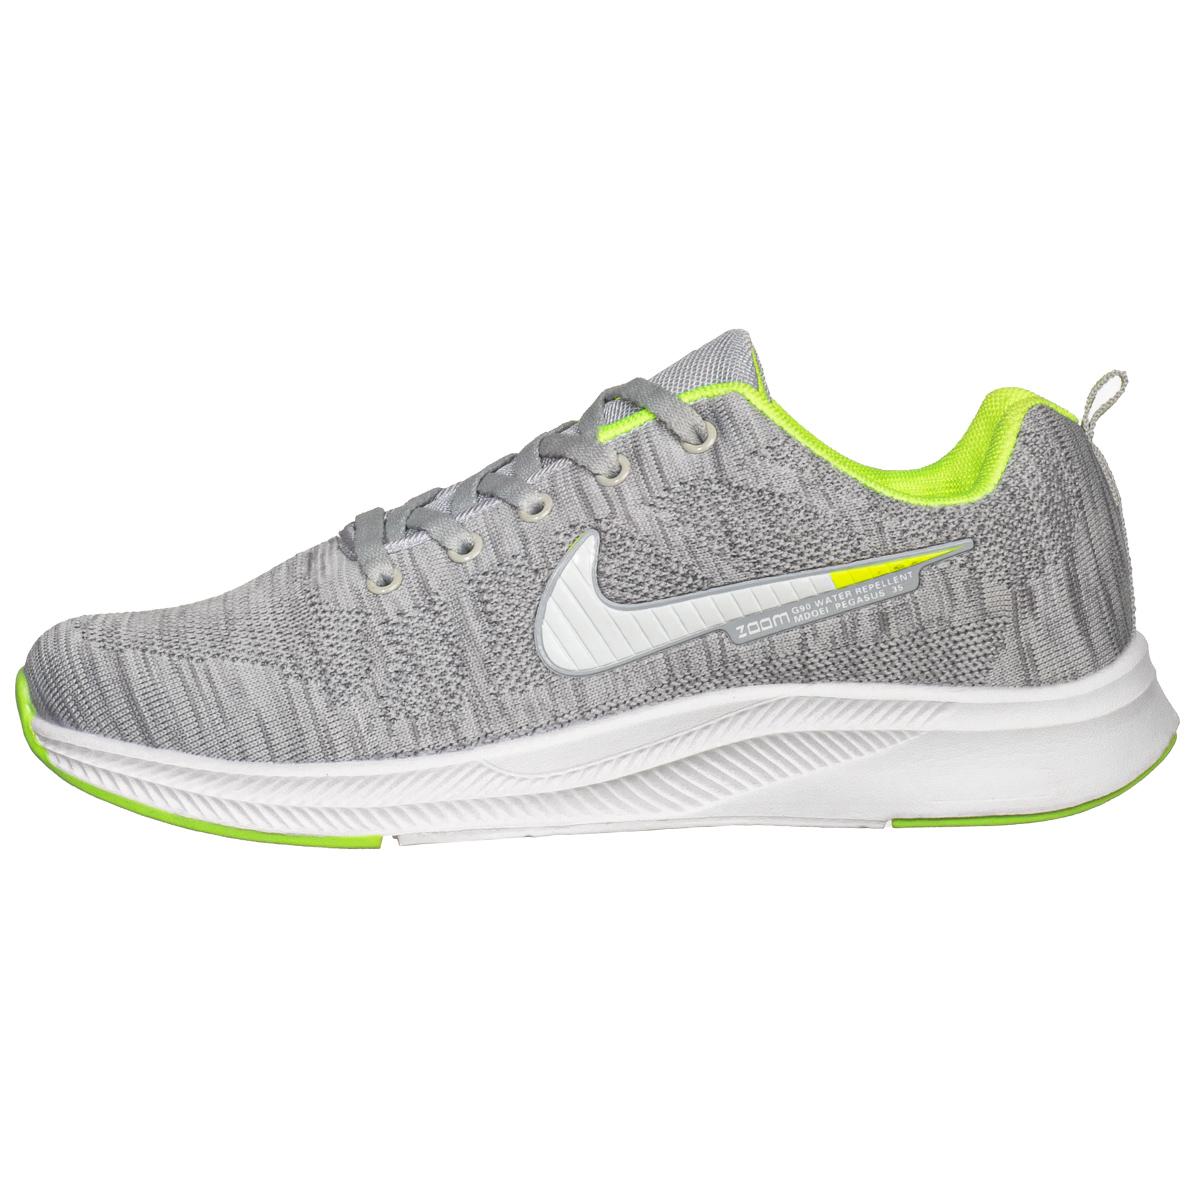 کفش پیاده روی مردانه نایکی مدل PEGASUS 35 GRGRE779             , خرید اینترنتی